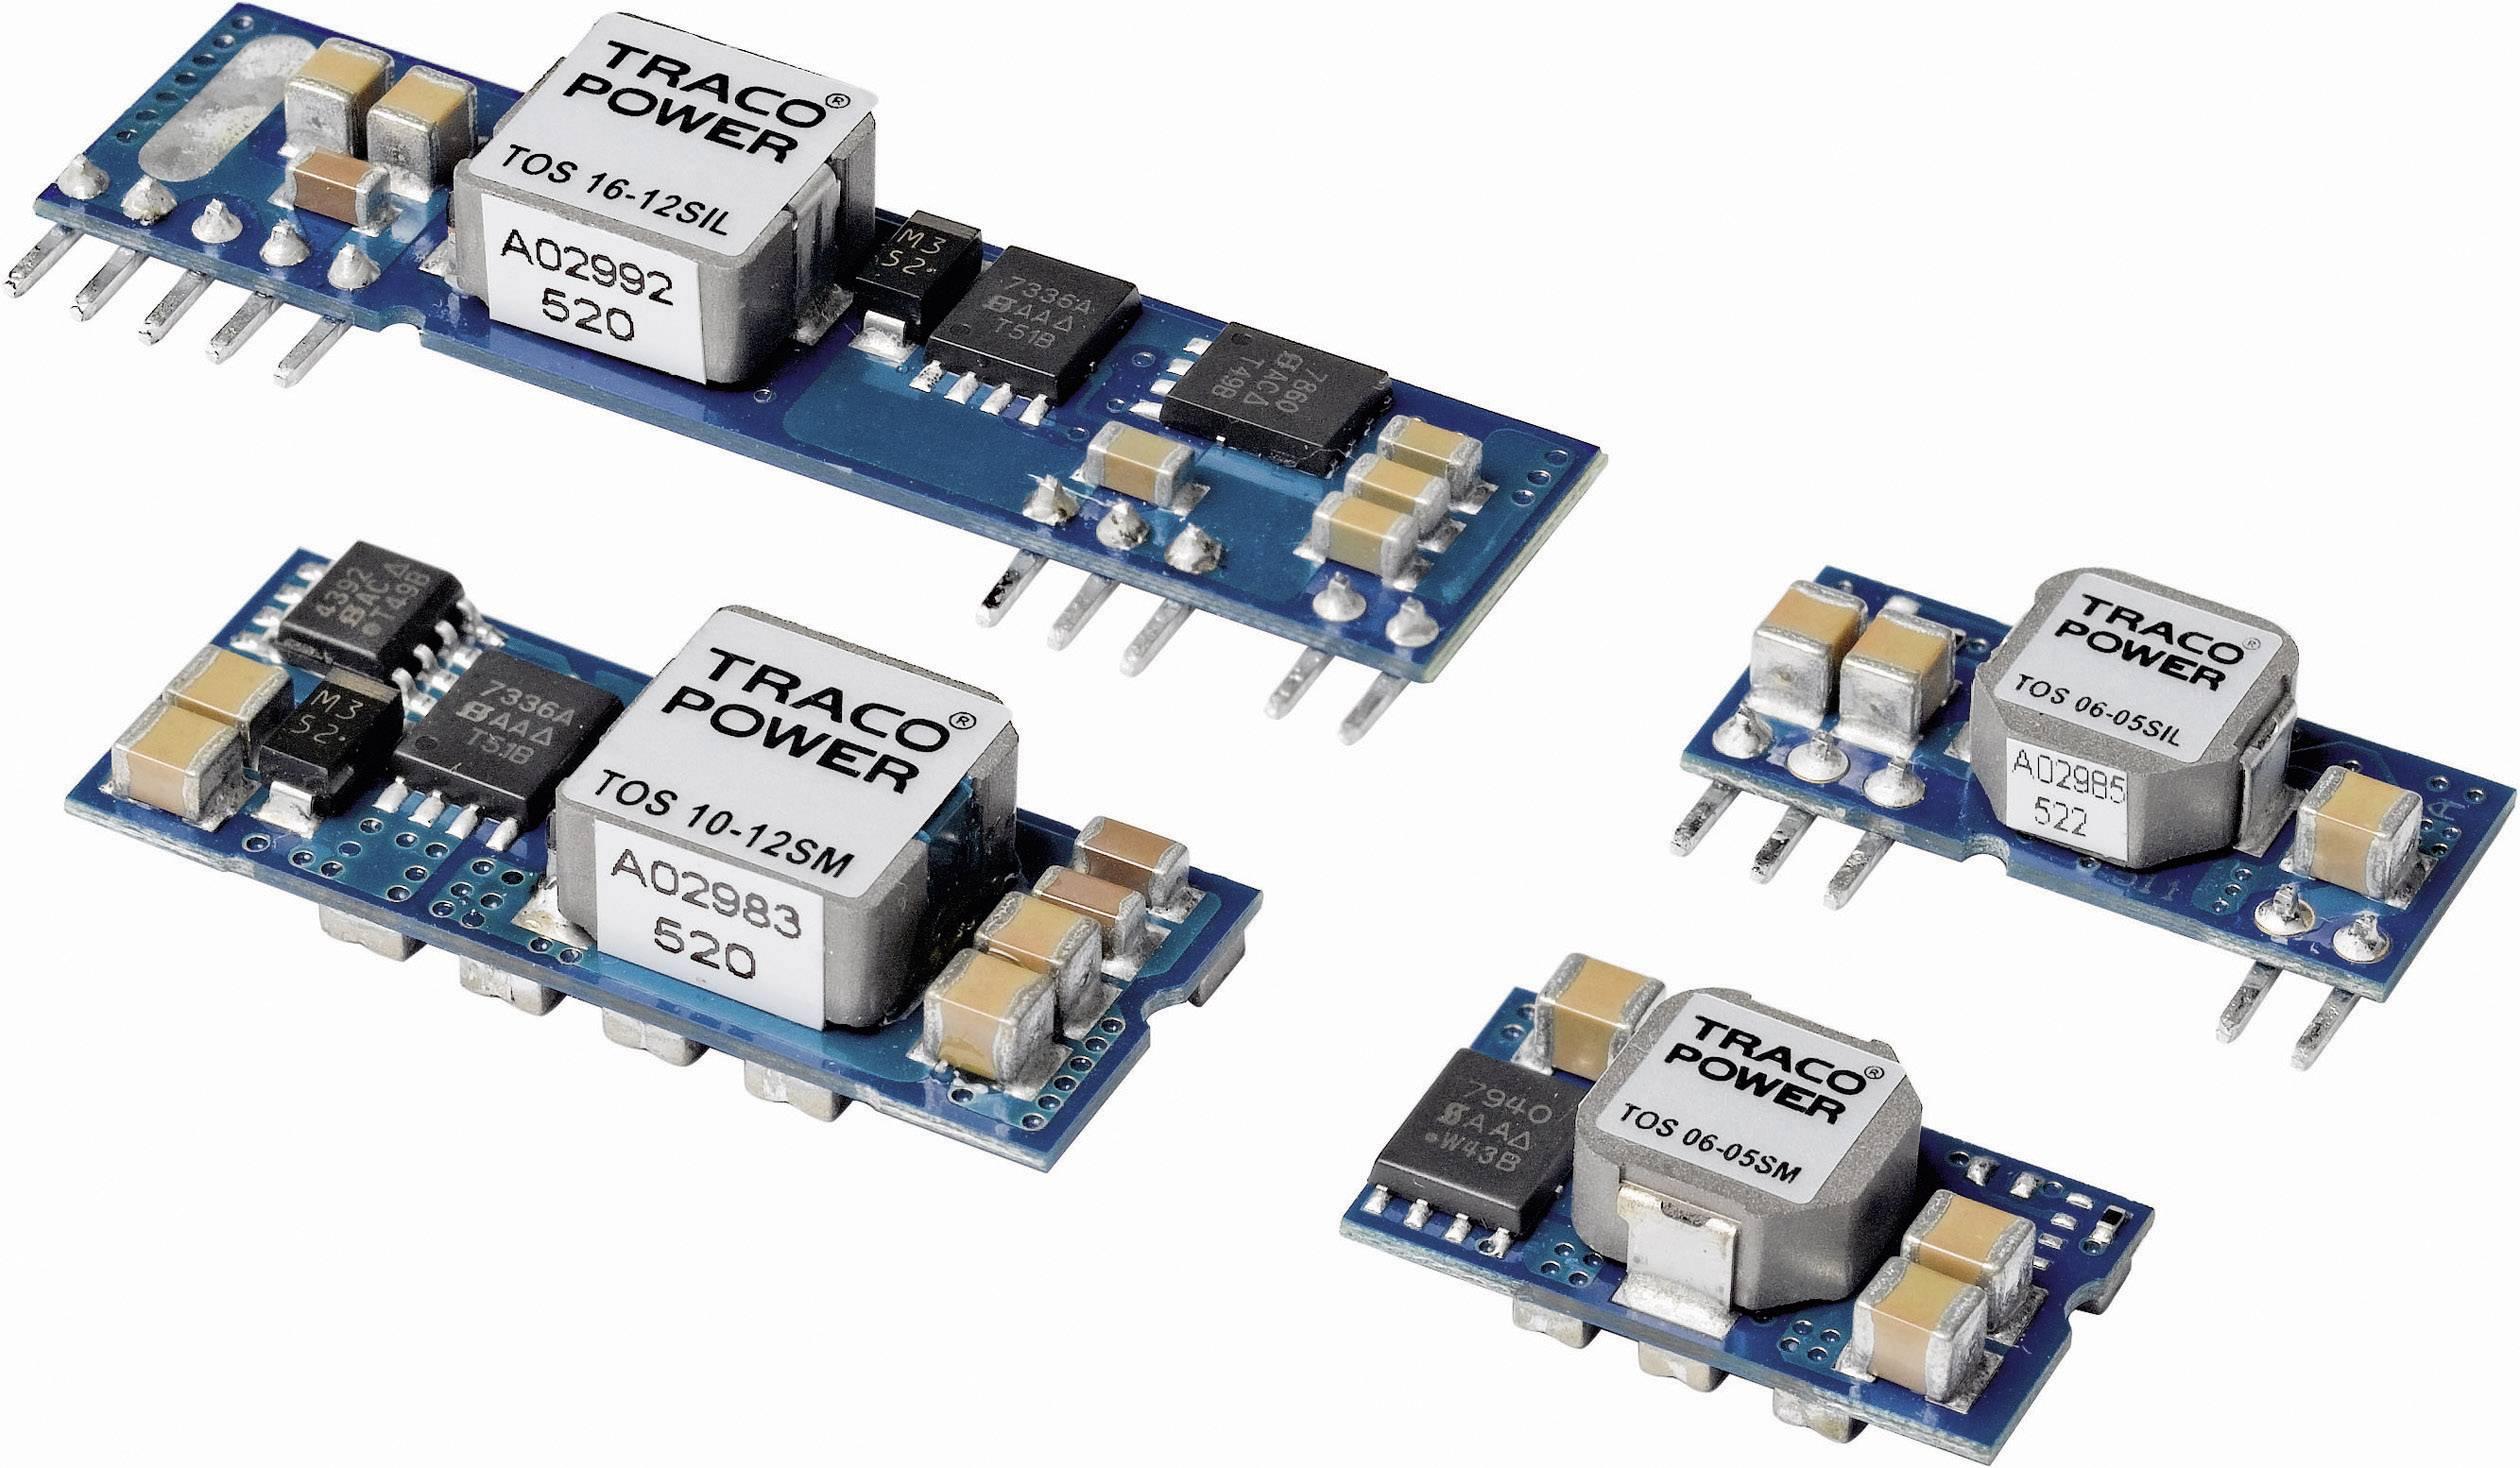 DC/DC měnič TracoPower TOS 06-12SM, vstup 8,3 - 14 V/DC, výstup 0,75 - 5 V/DC, 6 A